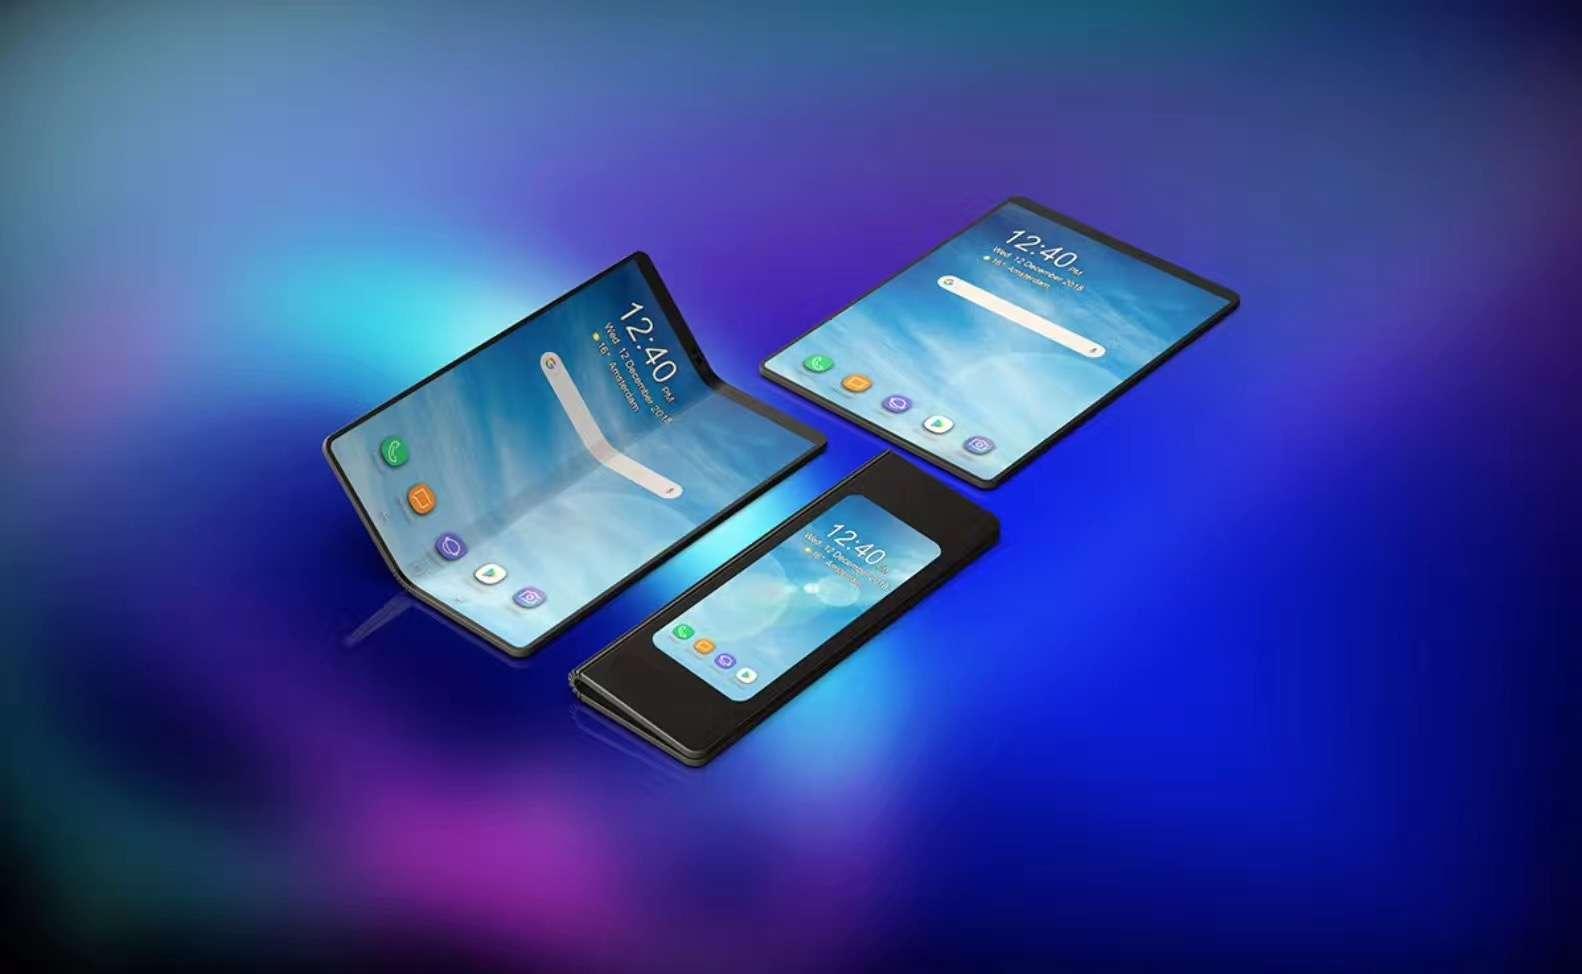 三星发布可折叠手机Galaxy Fold 网友脑洞大开